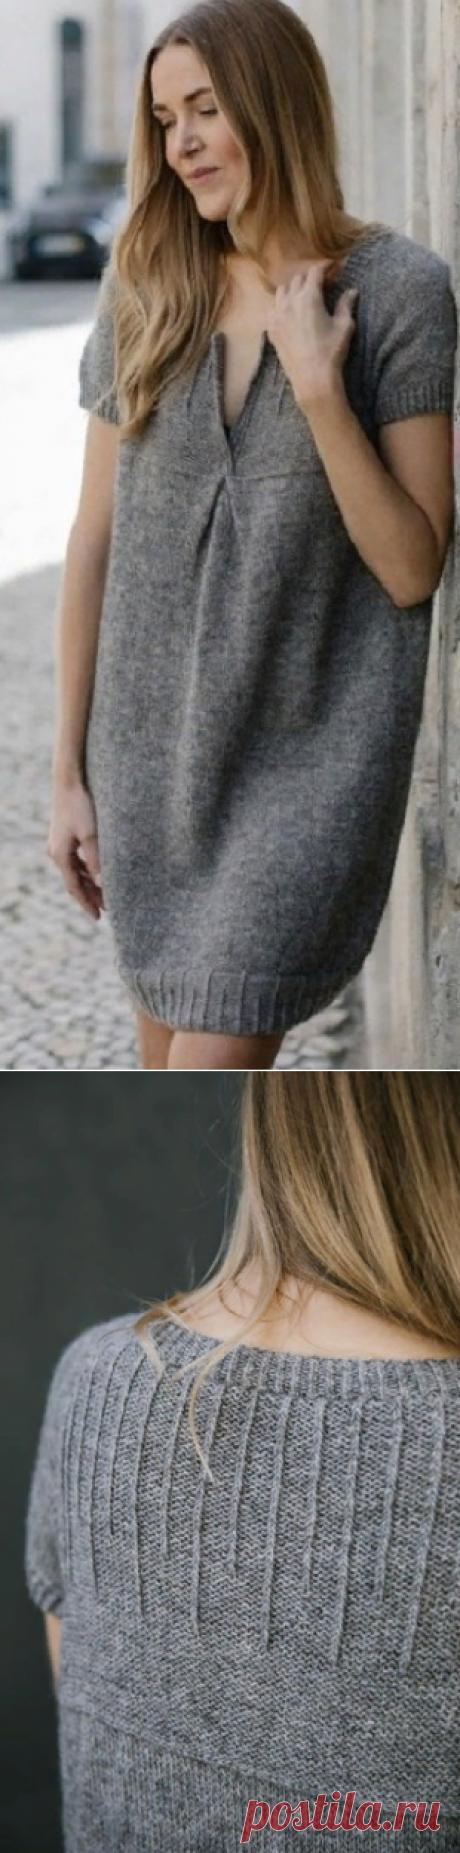 Вязание свободного платья спицами.